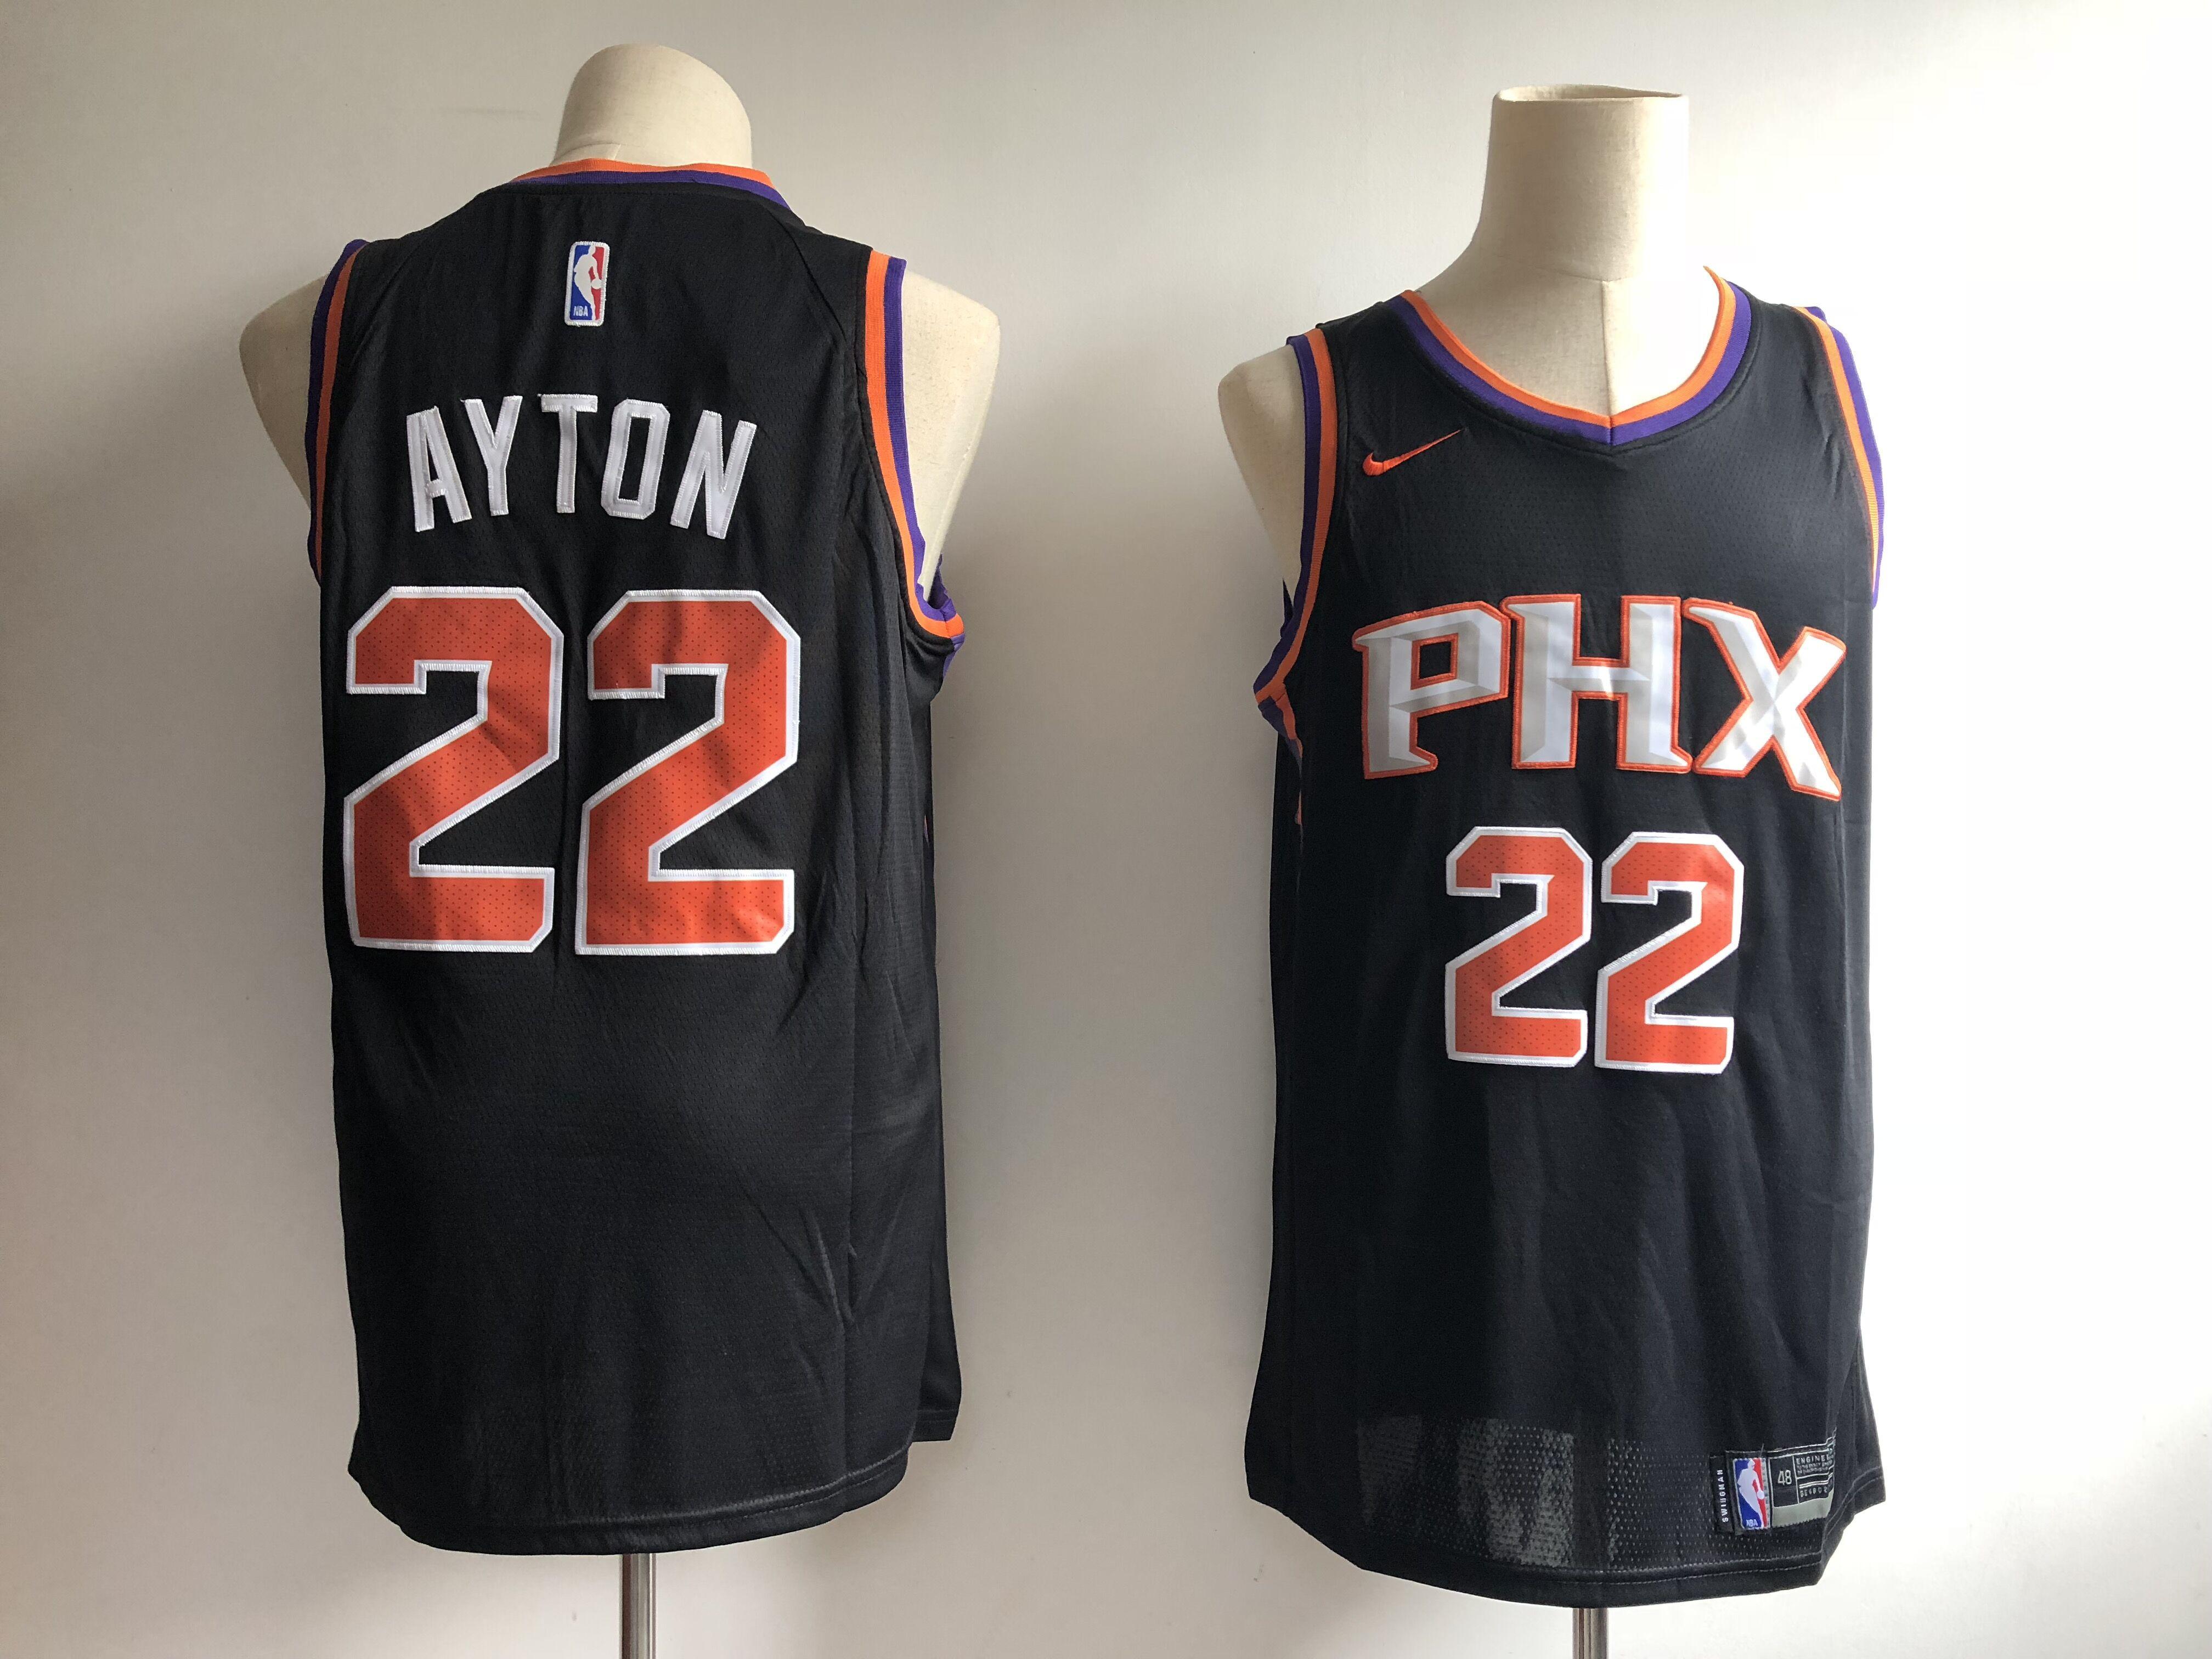 Suns 22 Deandre Ayton Black Nike Swingman Jersey